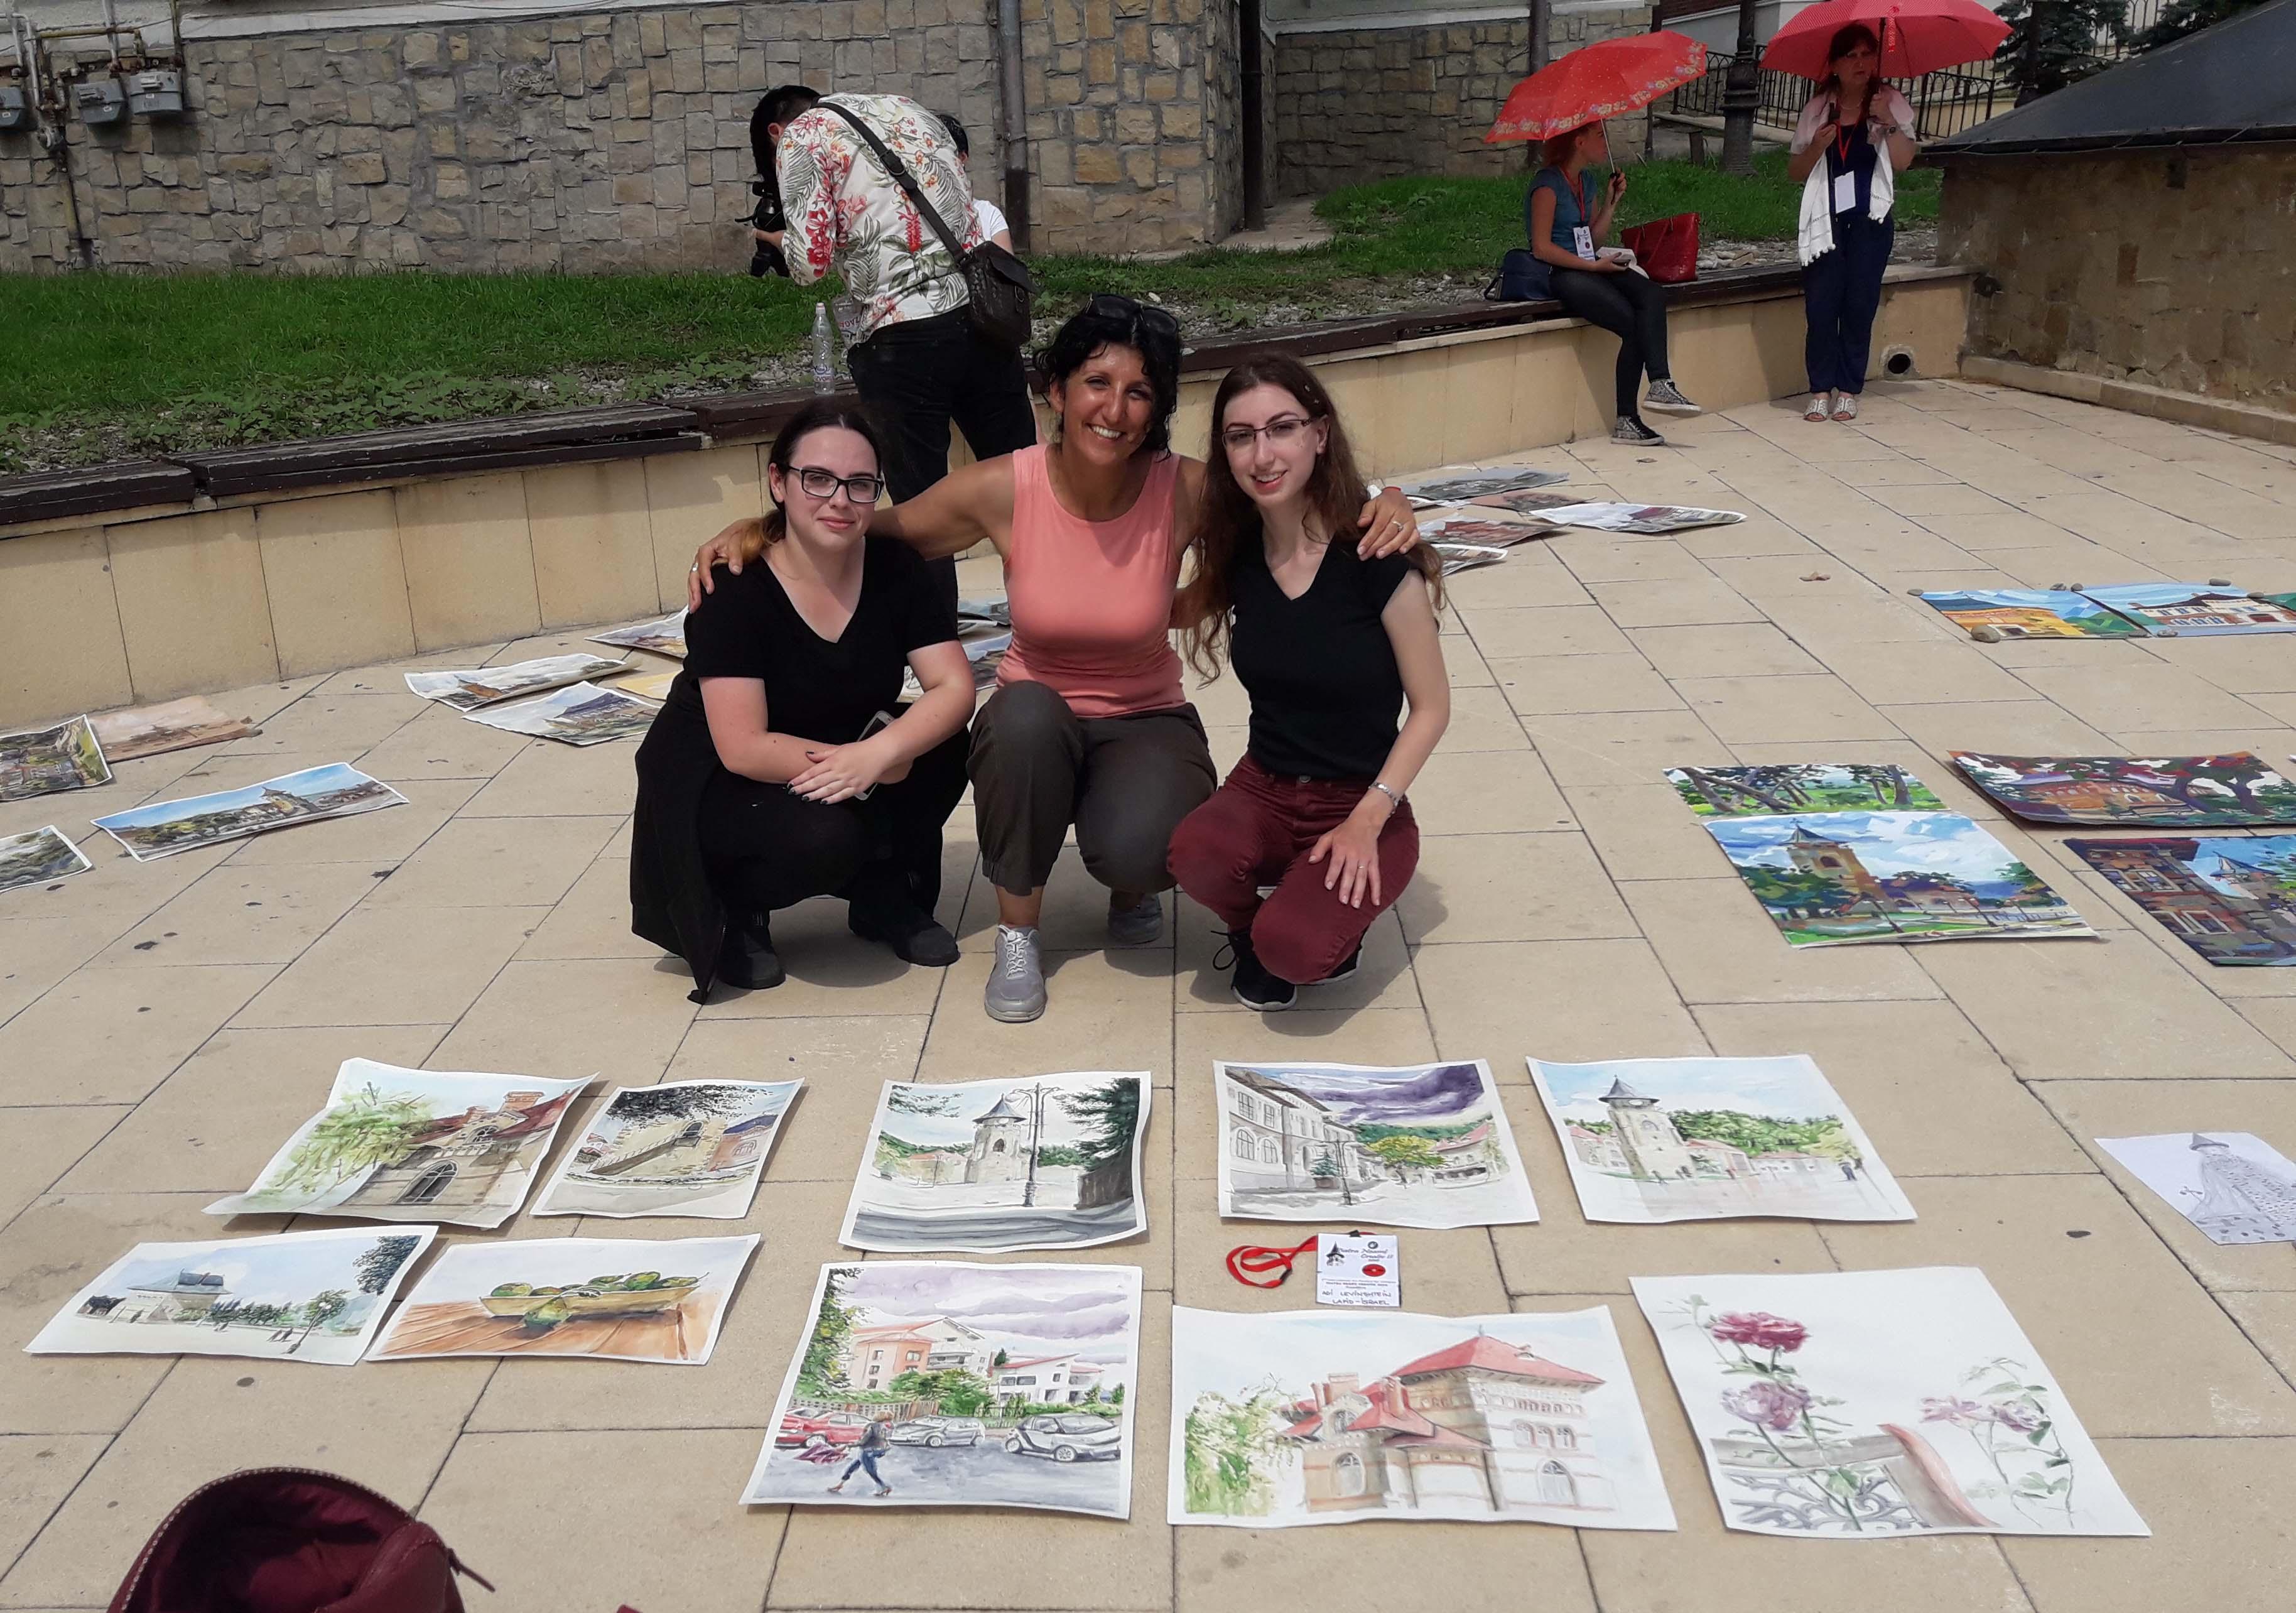 The Israeli art team